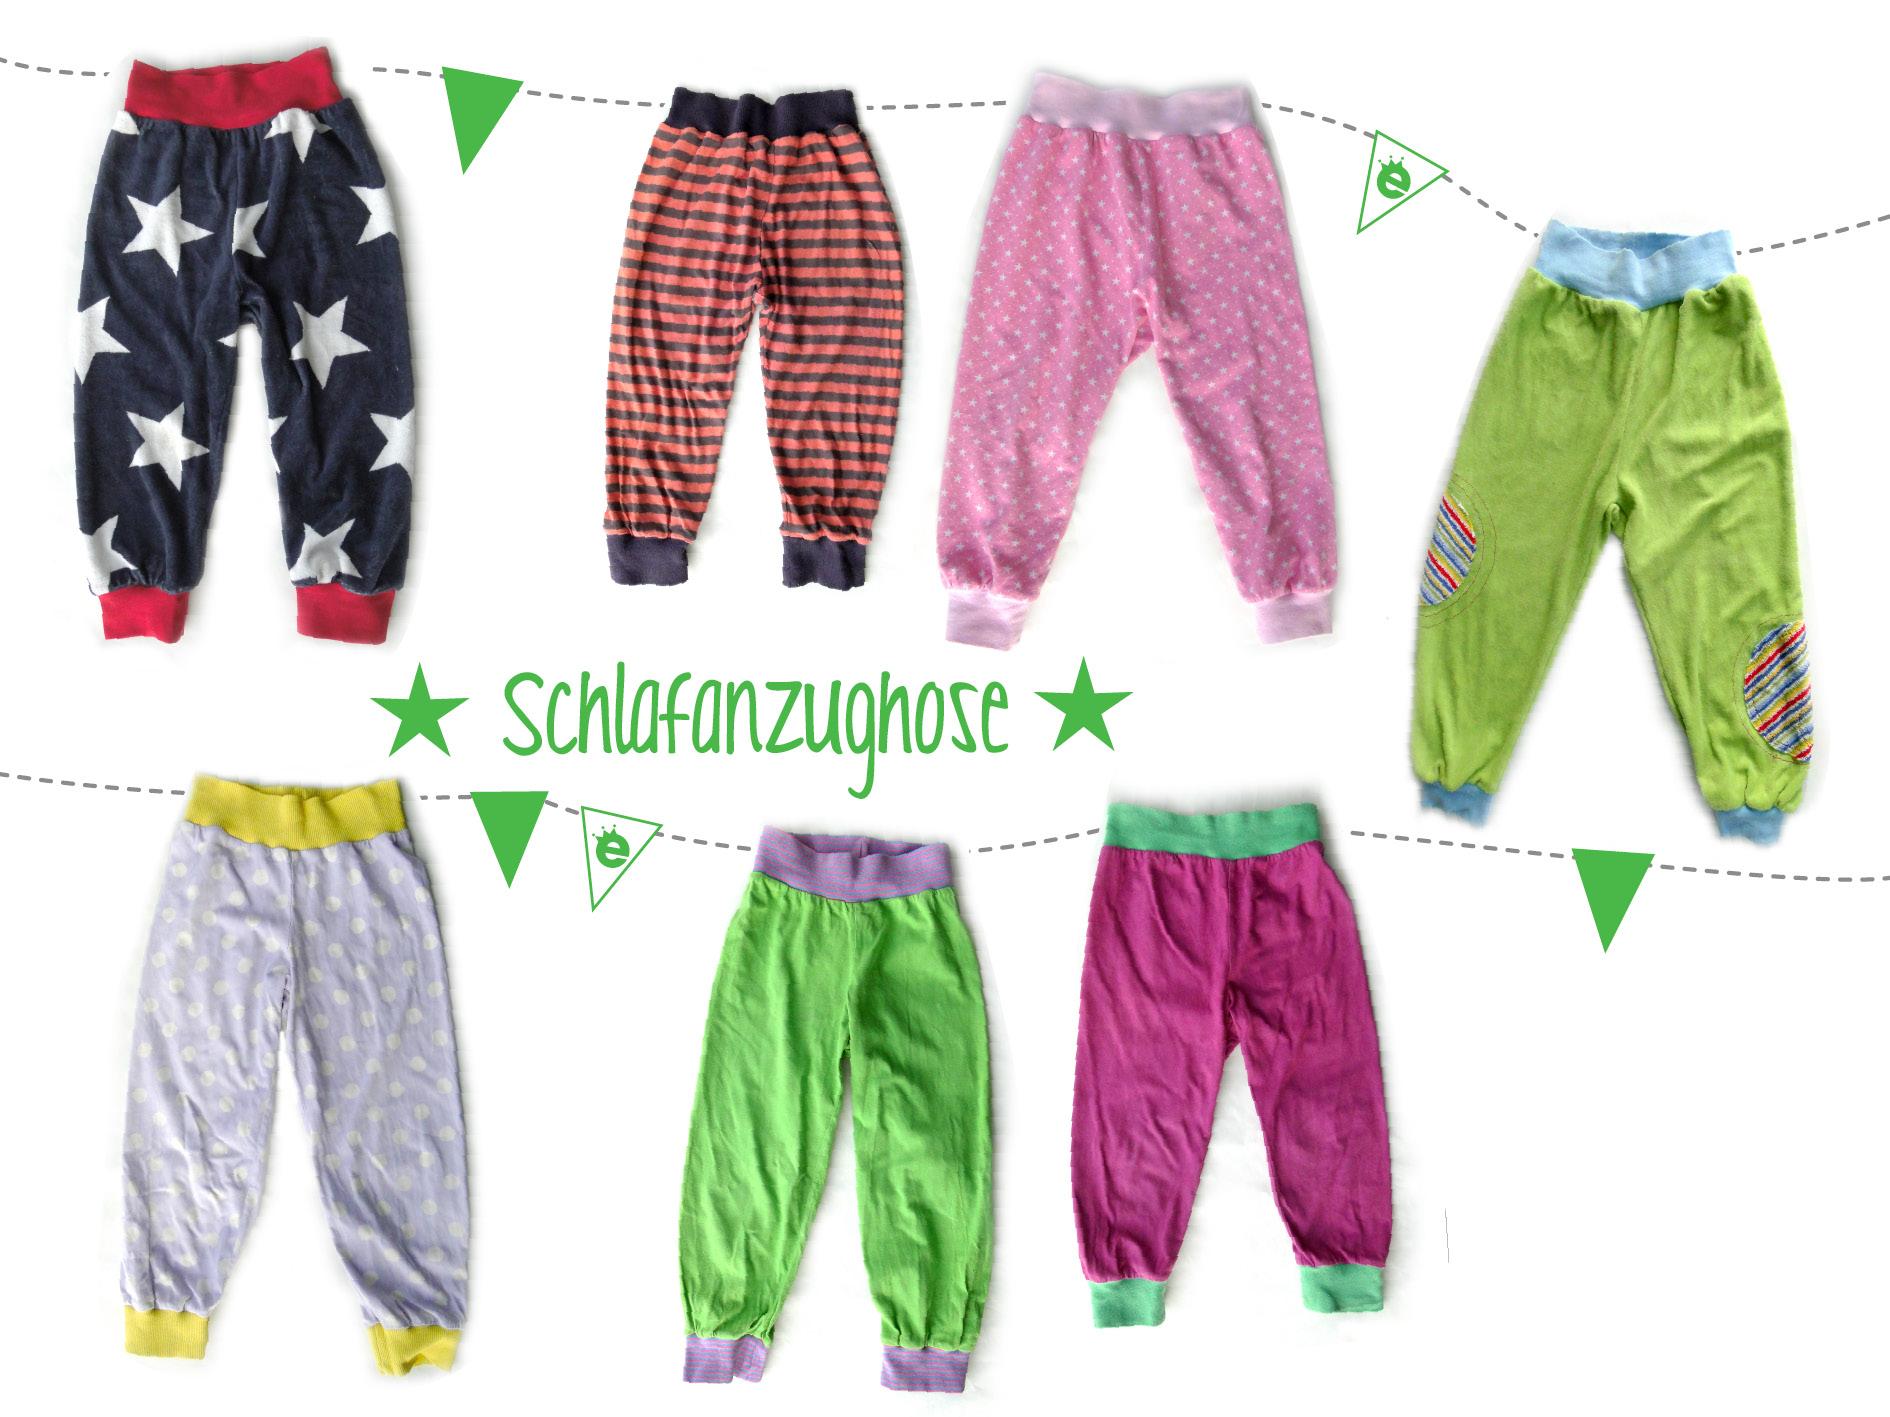 Schlafanzug-Hose für kinder nähen: Schnitt und Anleitunh